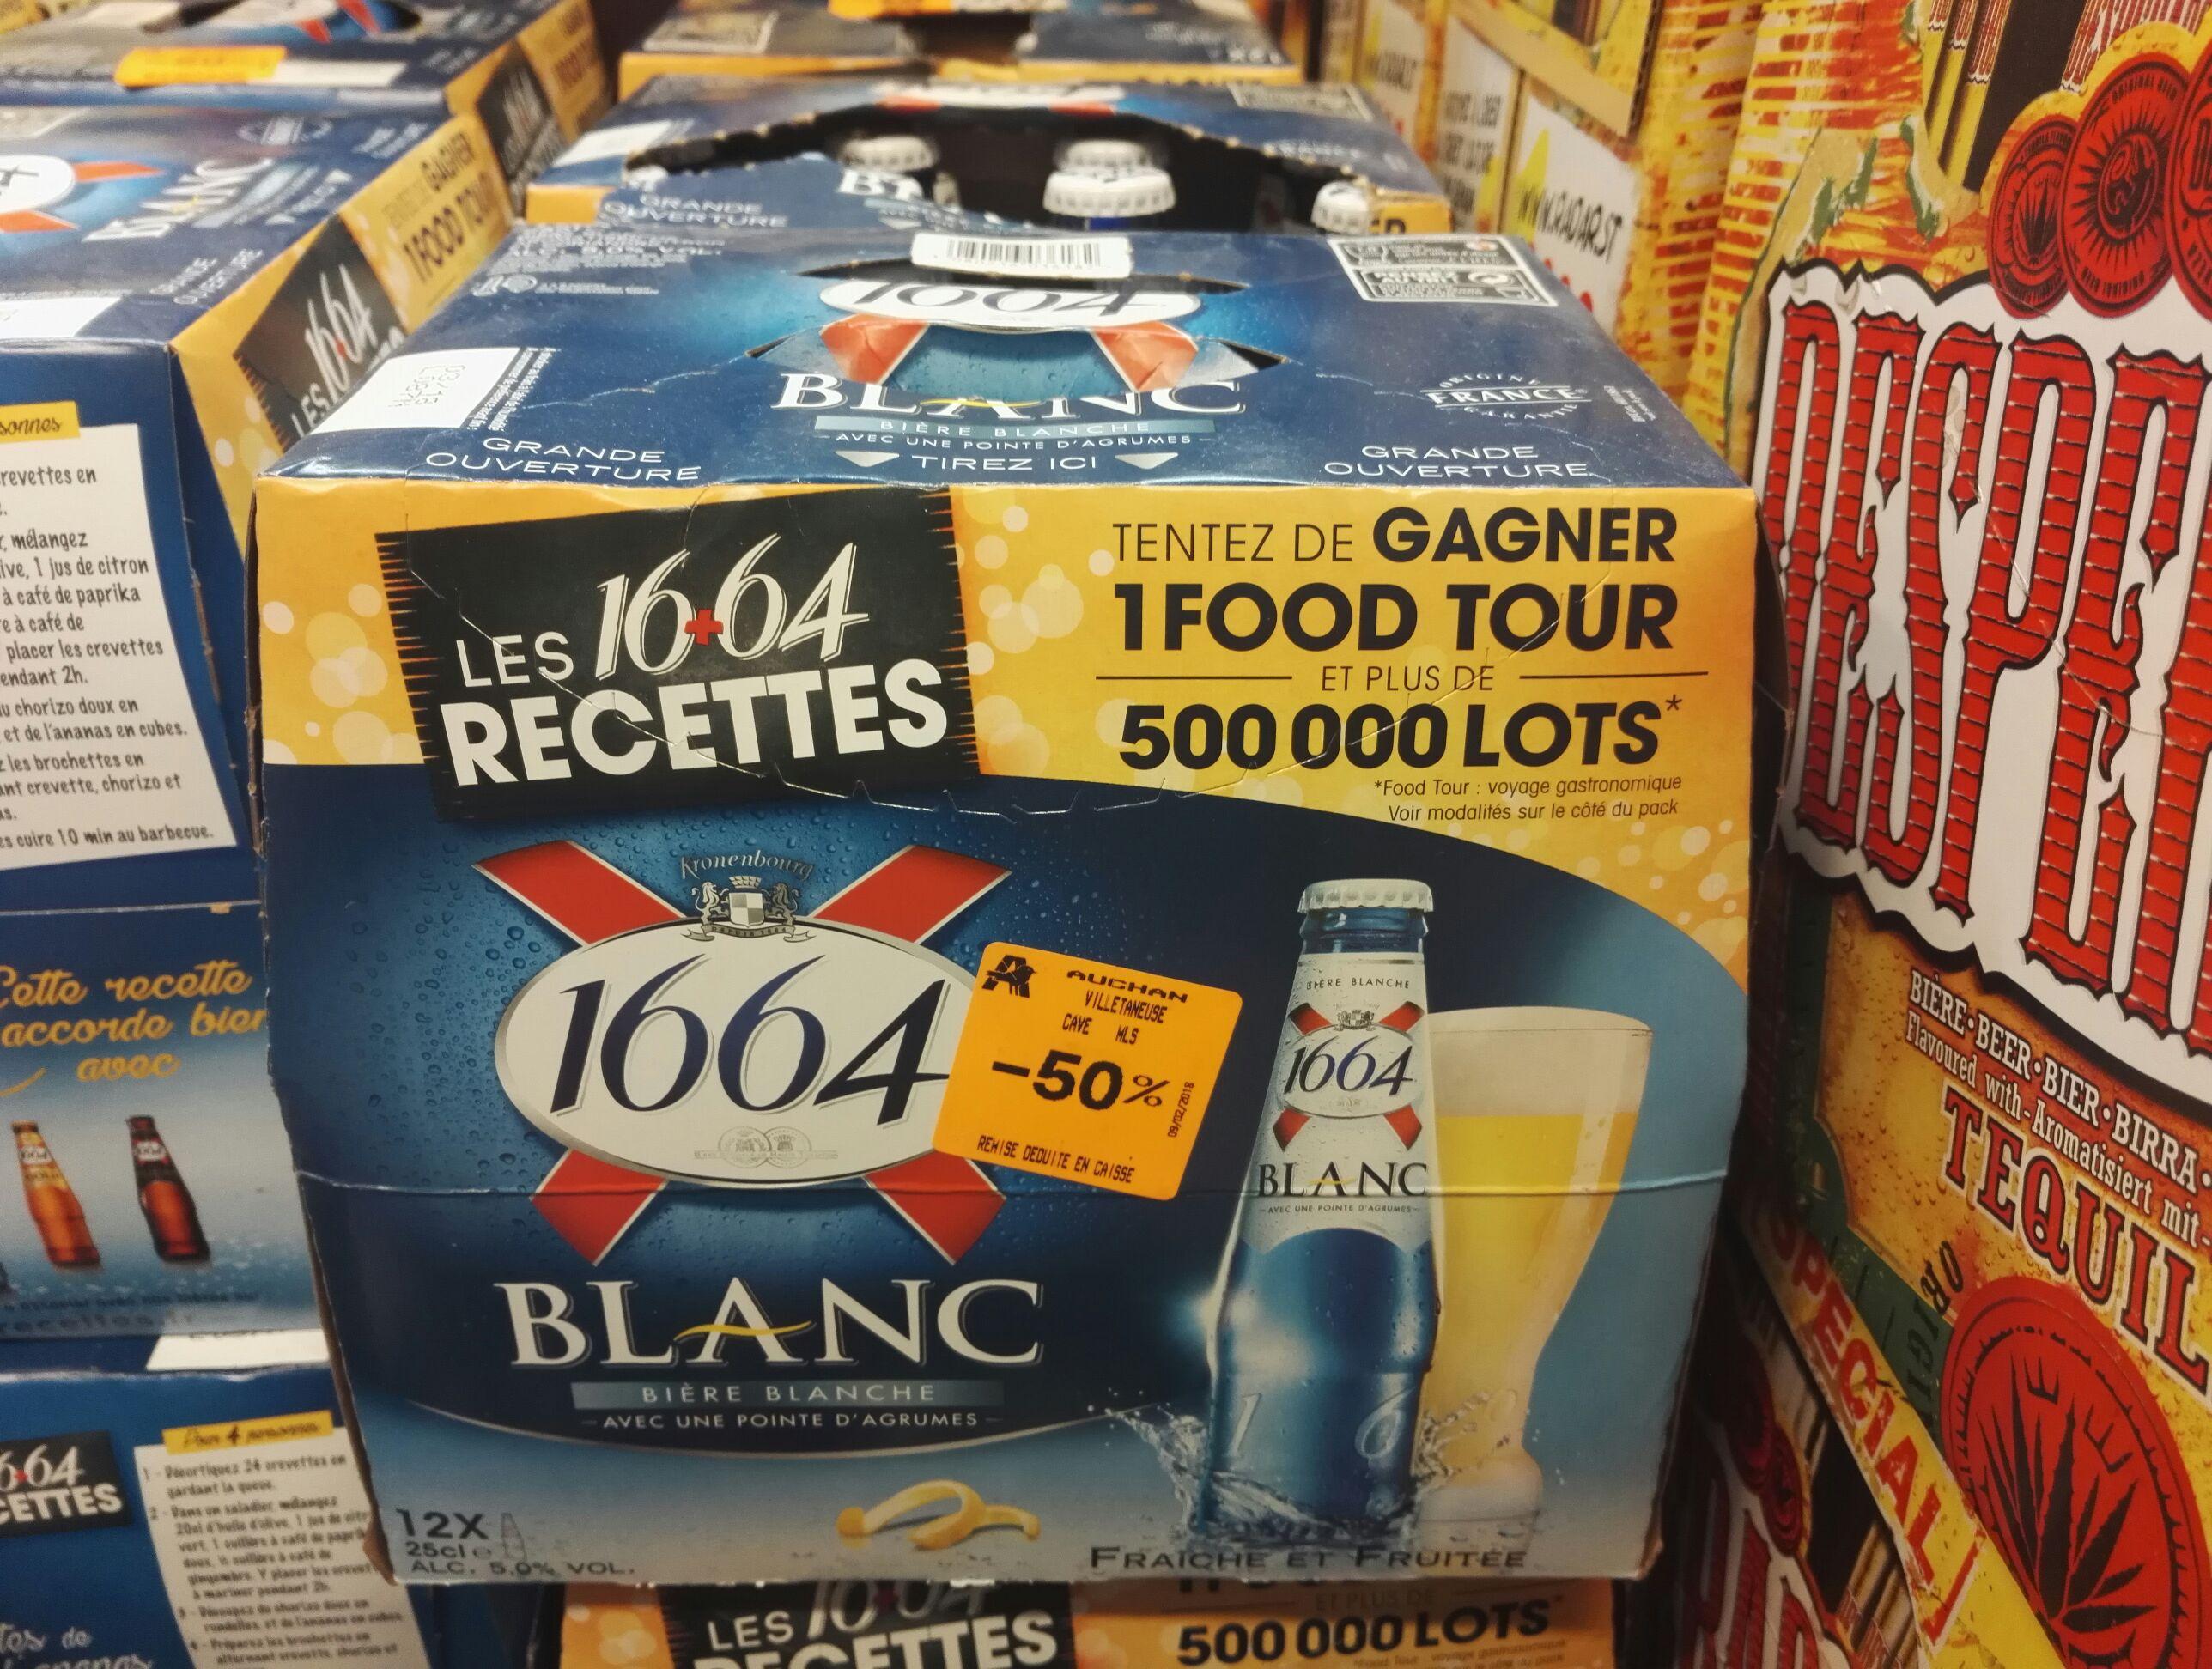 Pack de 12 bières blanches 1664 Blanc - 25 cl - Villetaneuse (93)